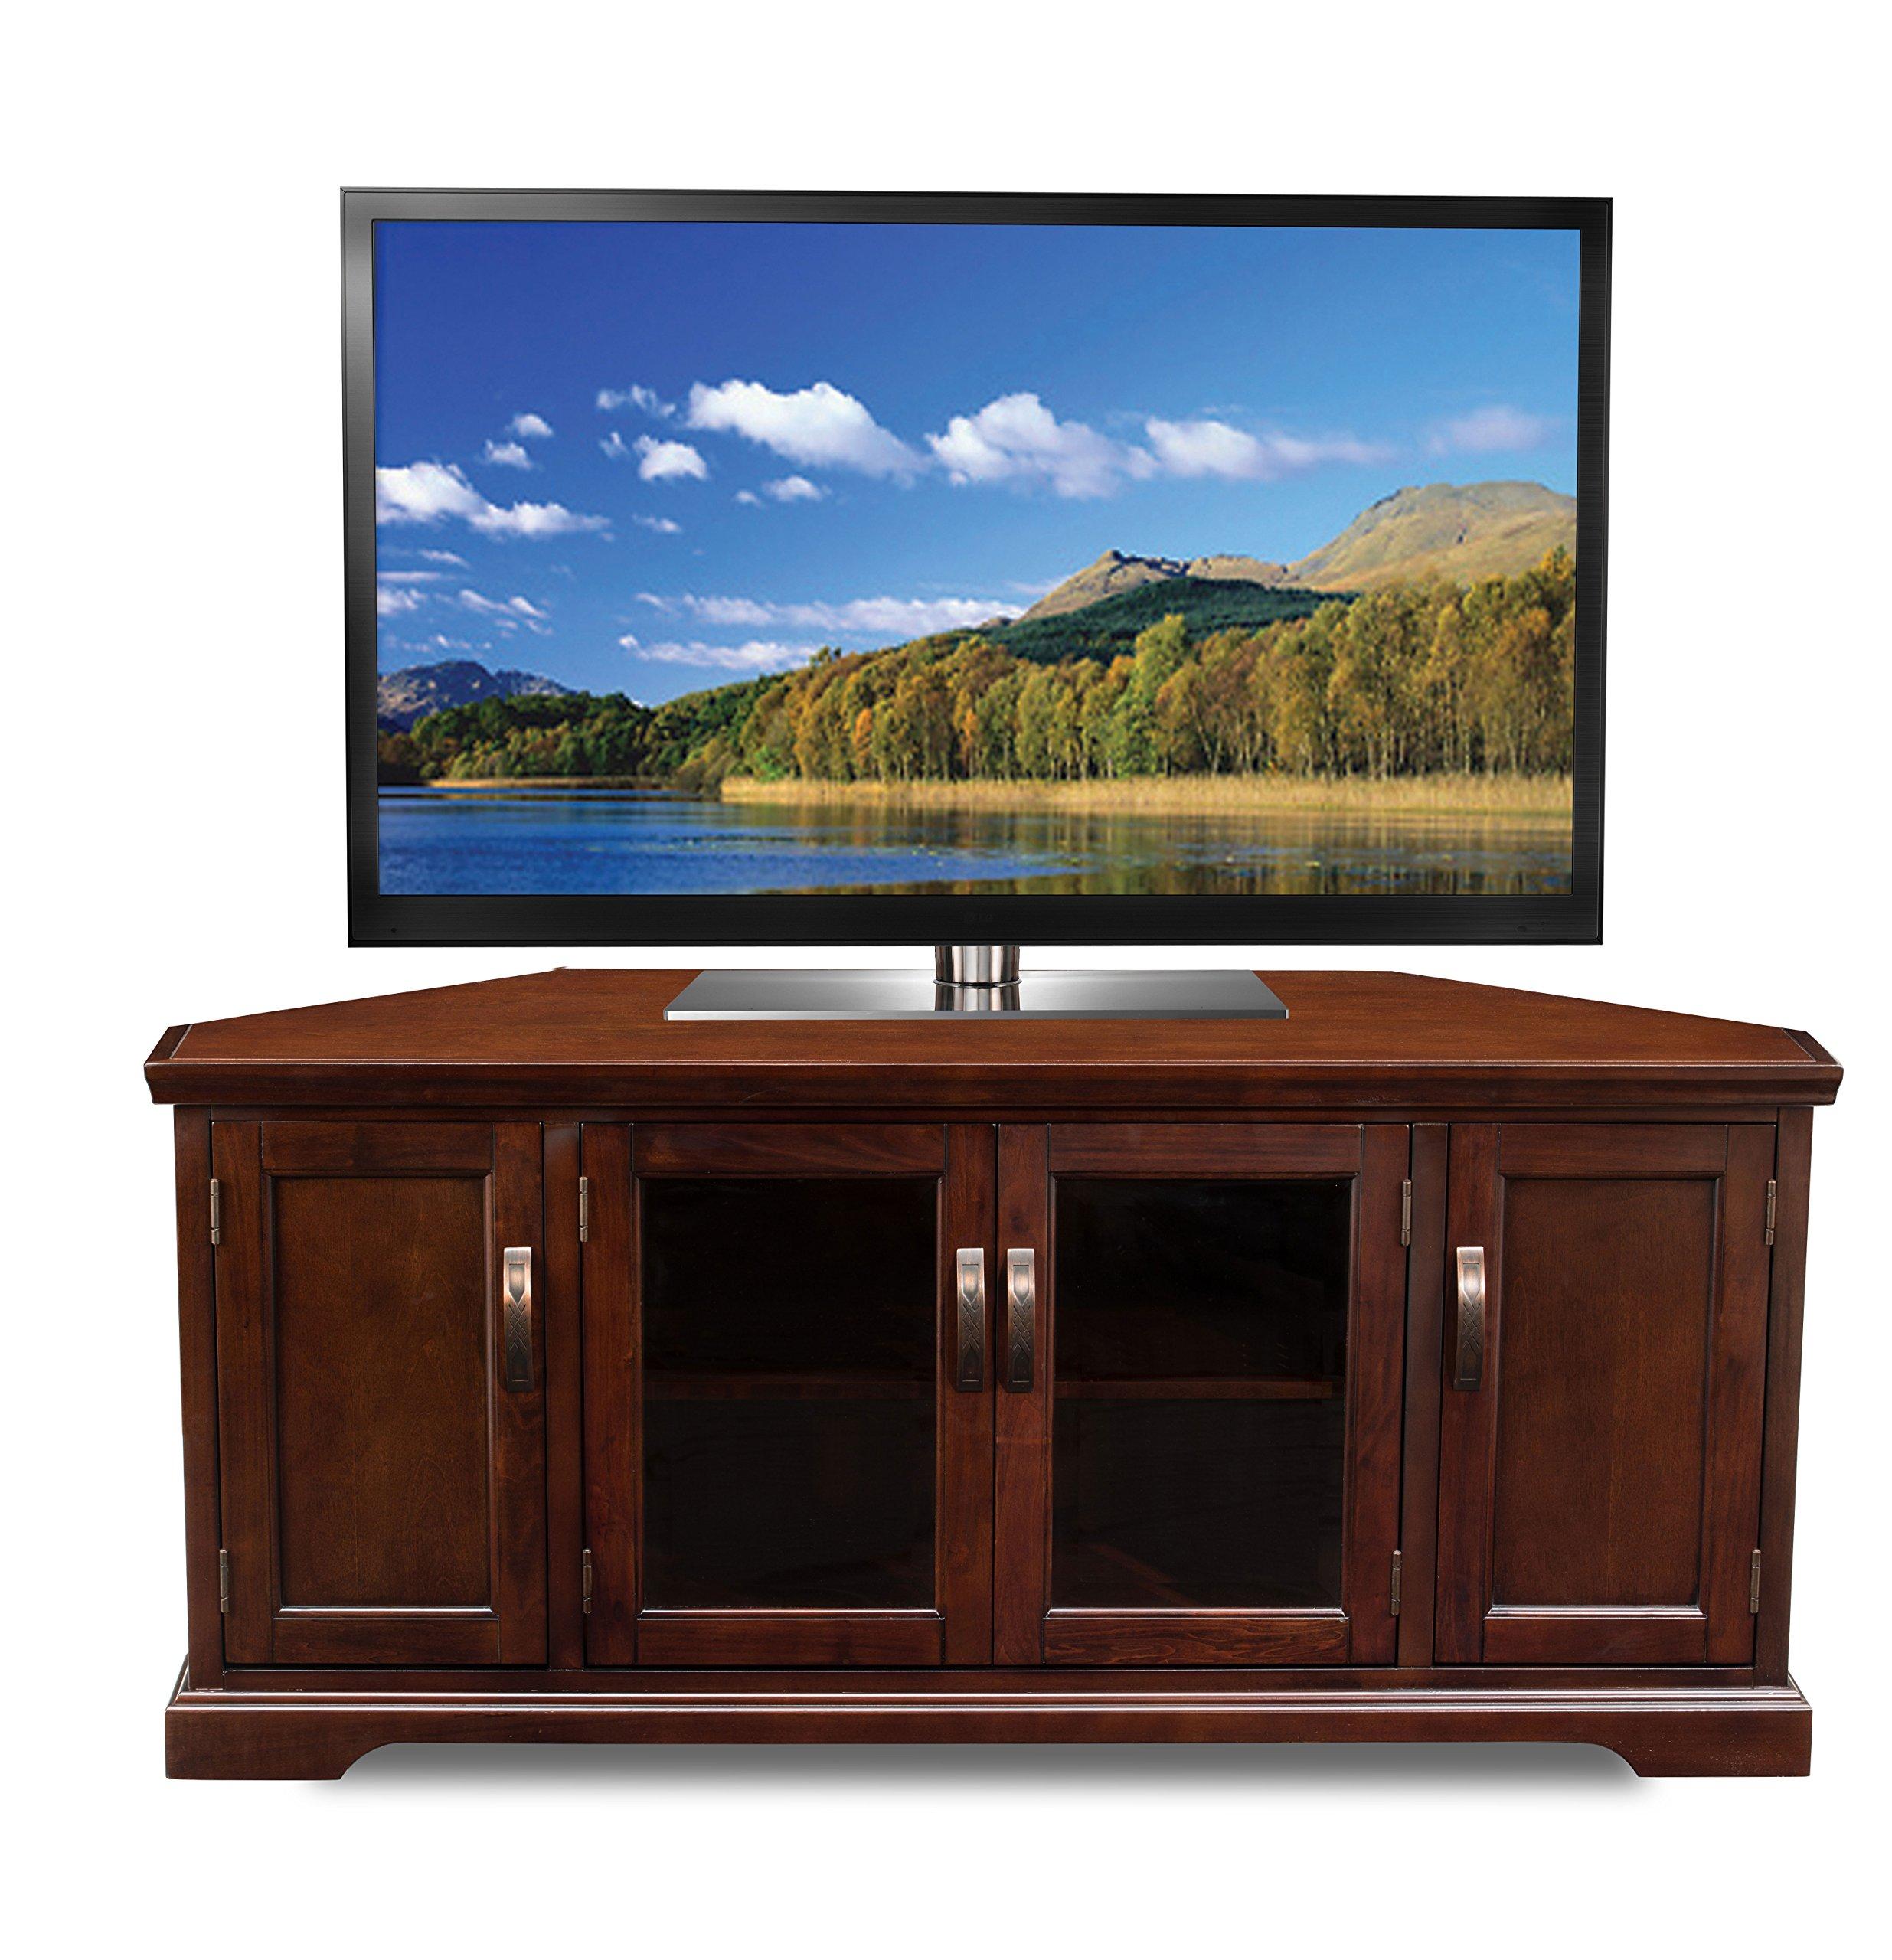 Leick 81386 Chocolate Cherry Corner TV Stand, 60''